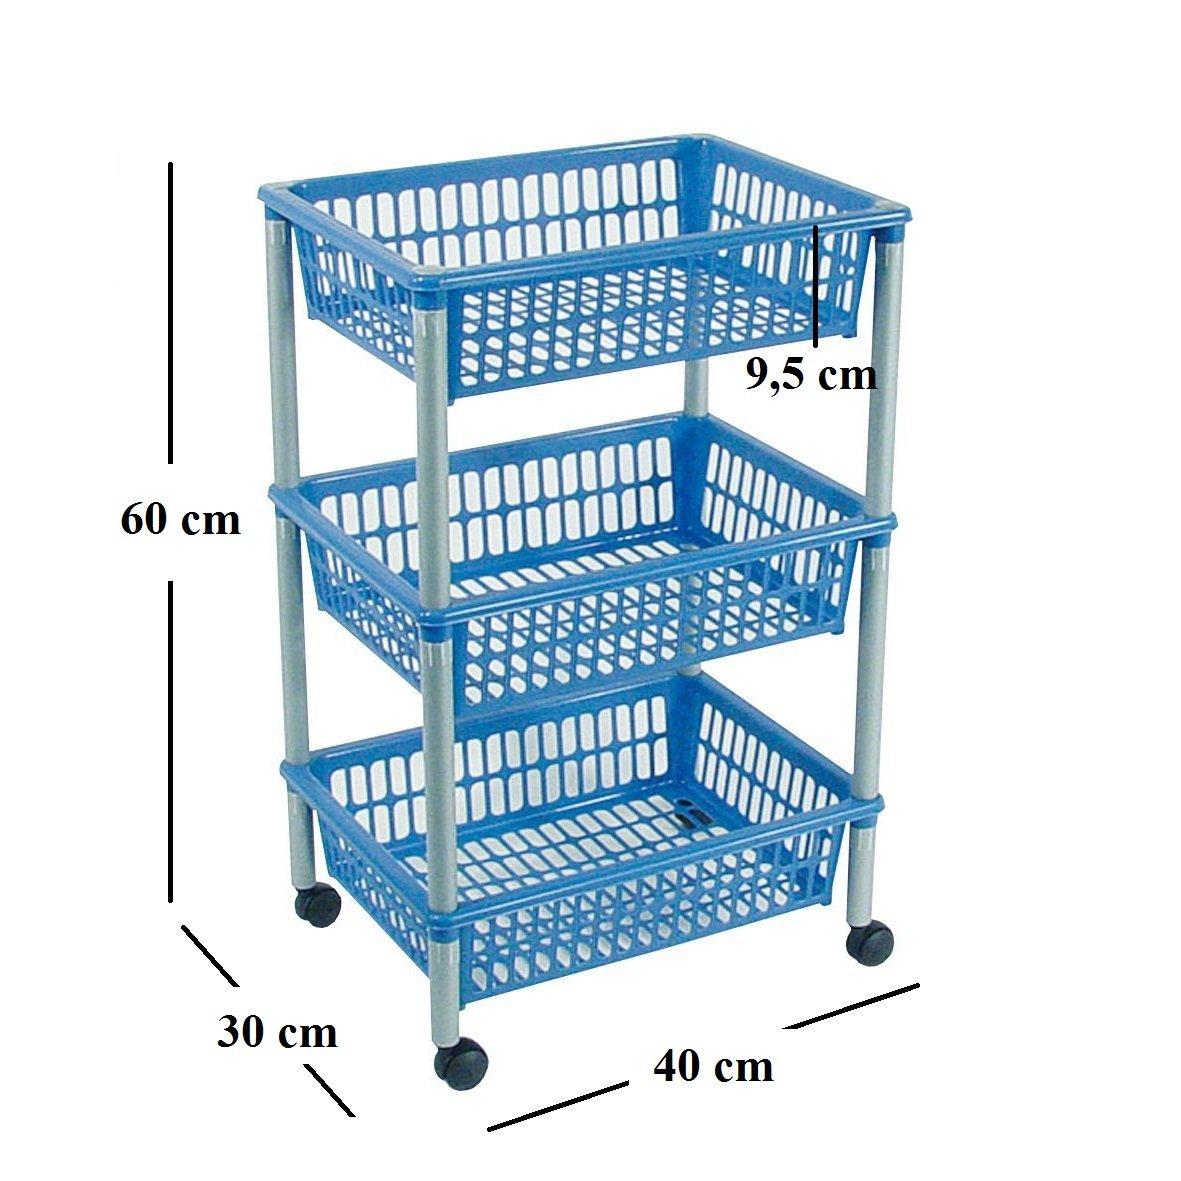 Ducomi - Carro portaobjetos con ruedas, carro con estantes multiusos para organizar los espacios domésticos, ideal para baño, cocina, sala y garaje